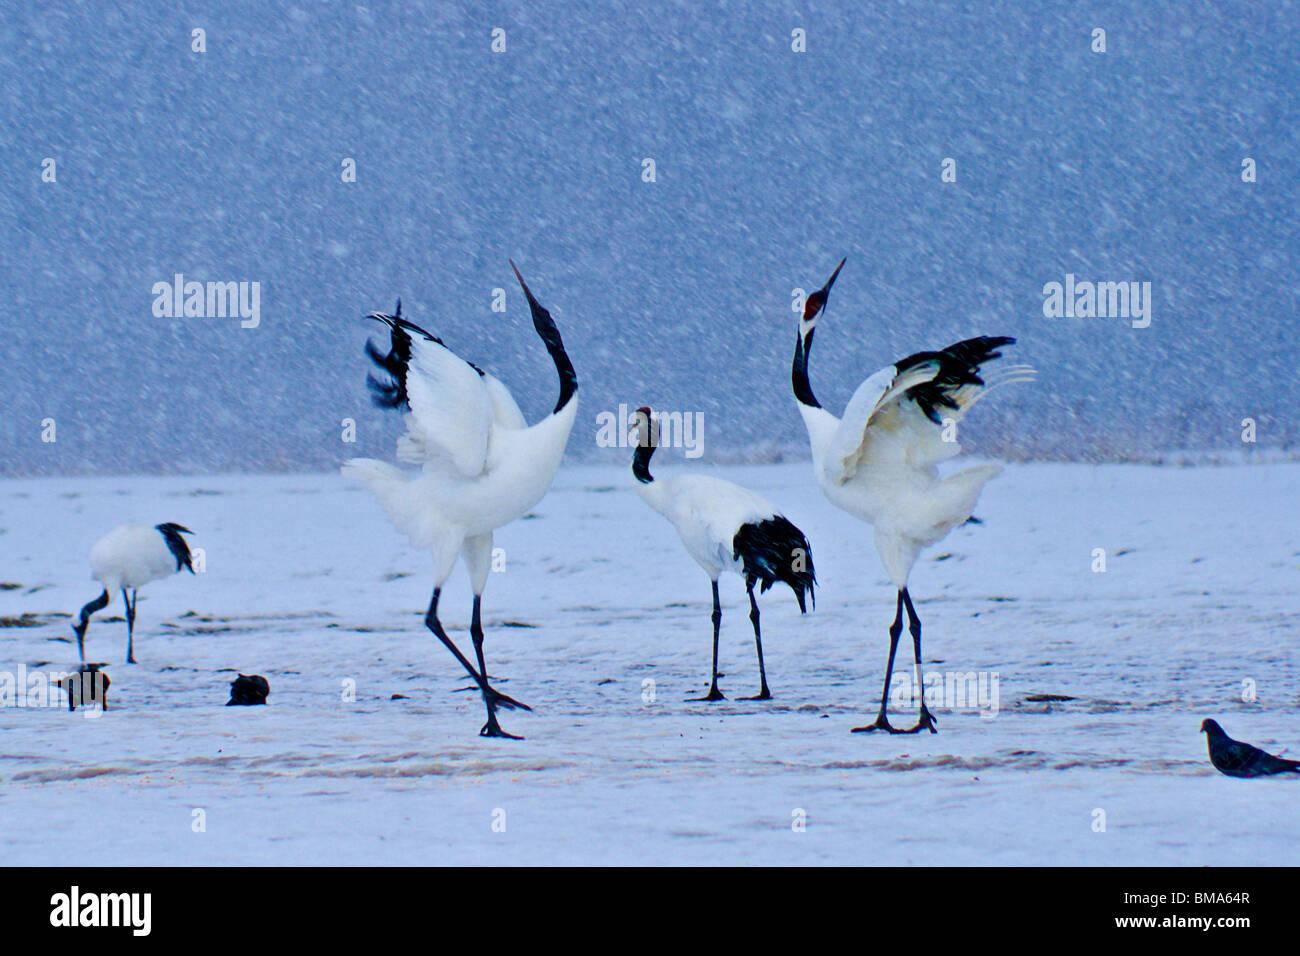 Japanese cranes (Tancho) courting in winter, Kushiro, Hokkaido, Japan - Stock Image